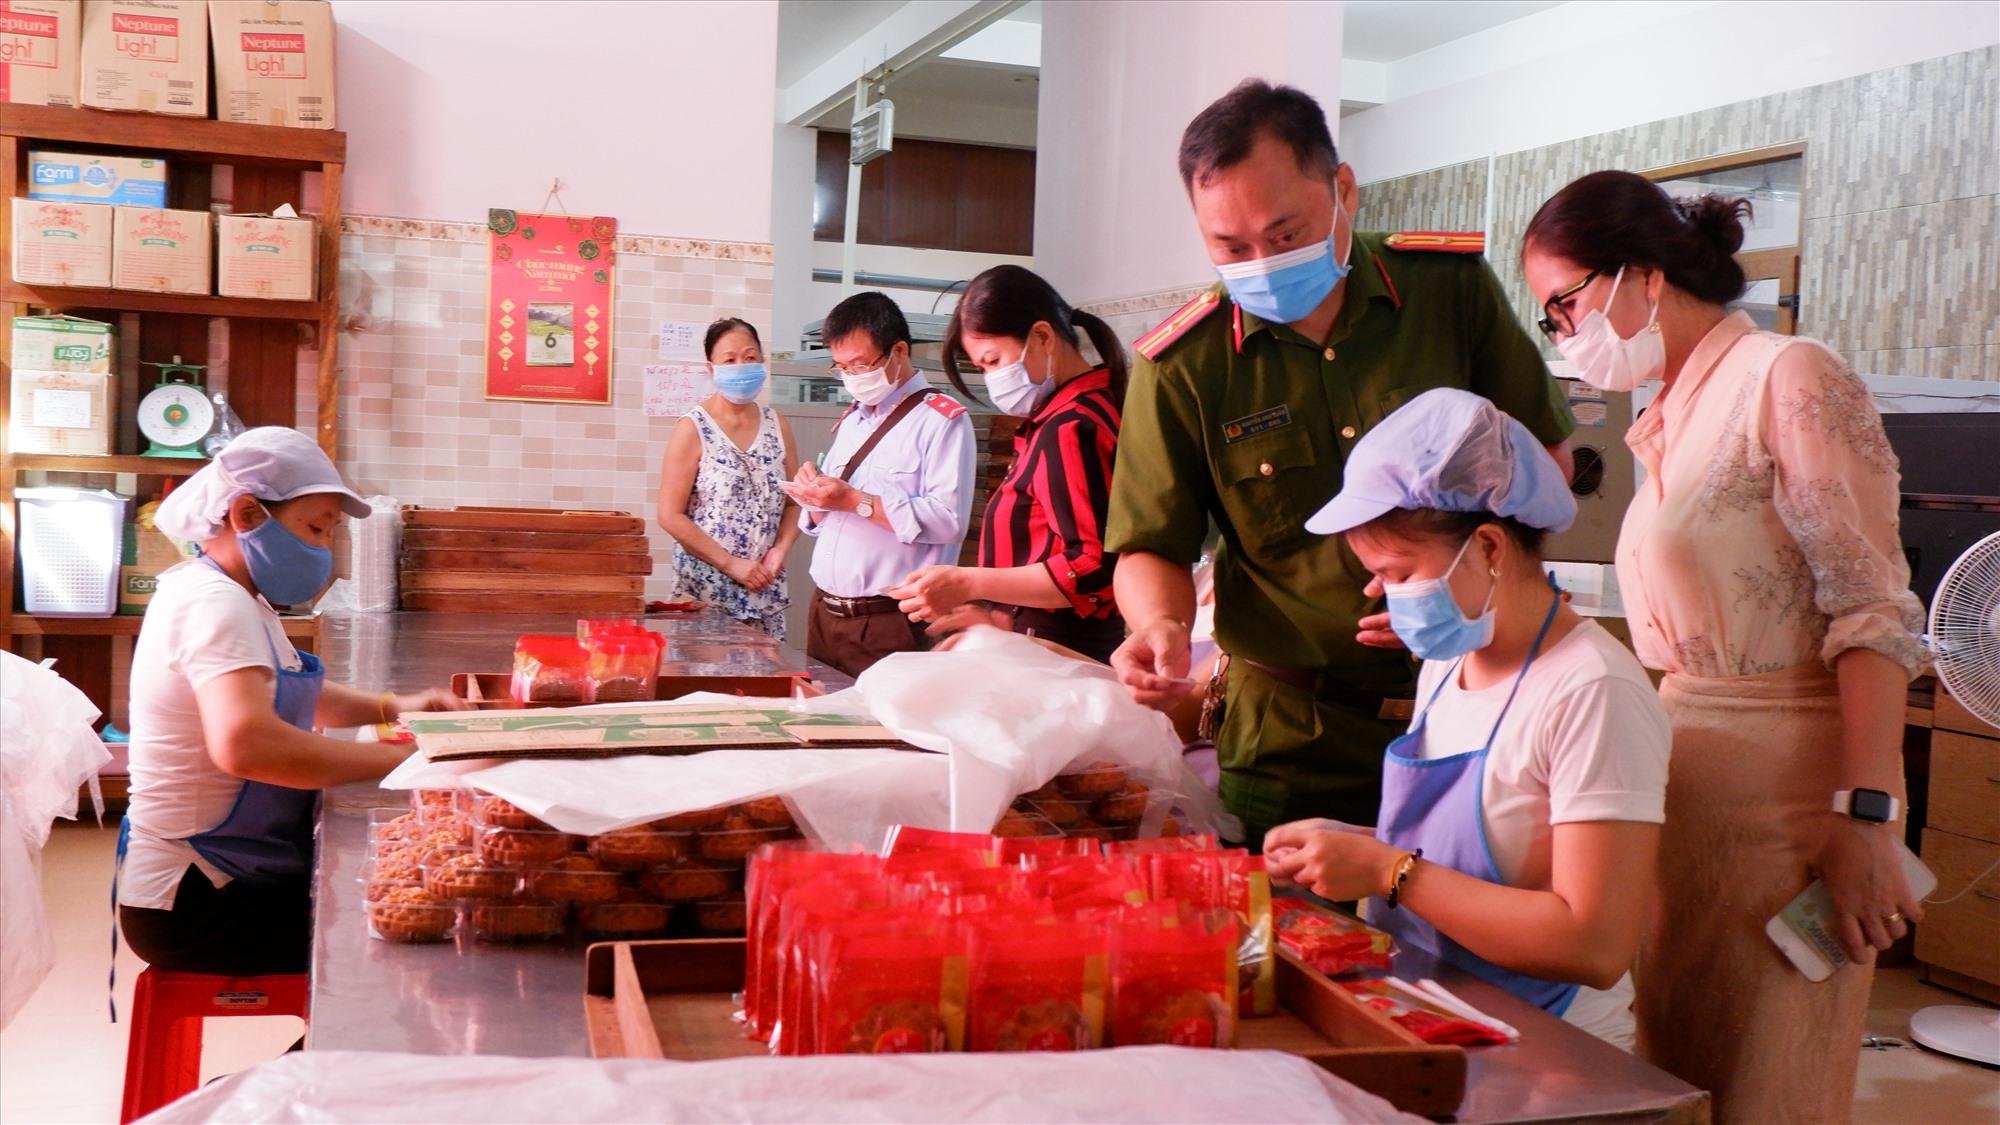 Đoàn kiểm tra liên ngành tỉnh kiểm tra tại cơ sở bánh Thái Bình (Trường Xuân,TP.Tam Kỳ). Ảnh: X.H